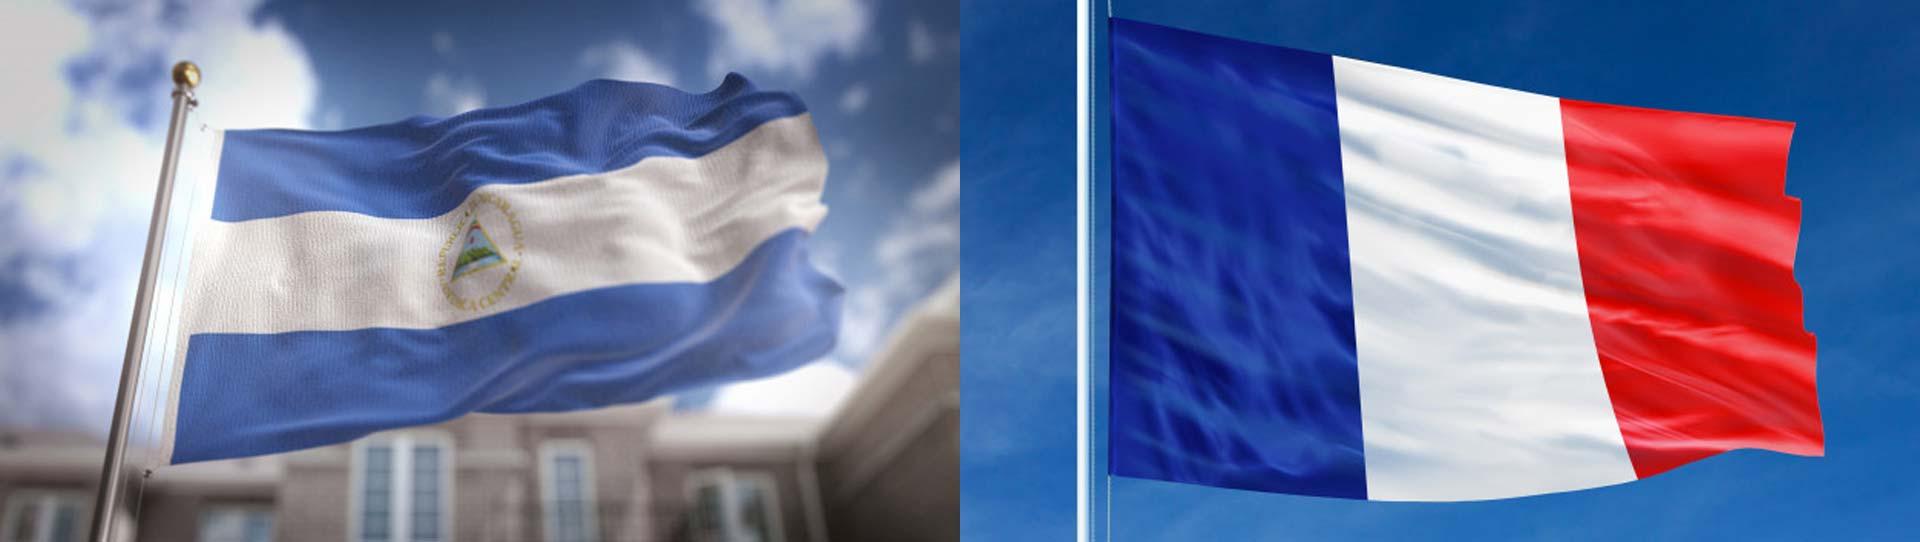 Novedades Wasi febrero de 2019: Nicaragua y Francia hacen parte de Wasi - CRM inmobiliario - Marketing Inmobiliario - Página Web para Inmobiliaria